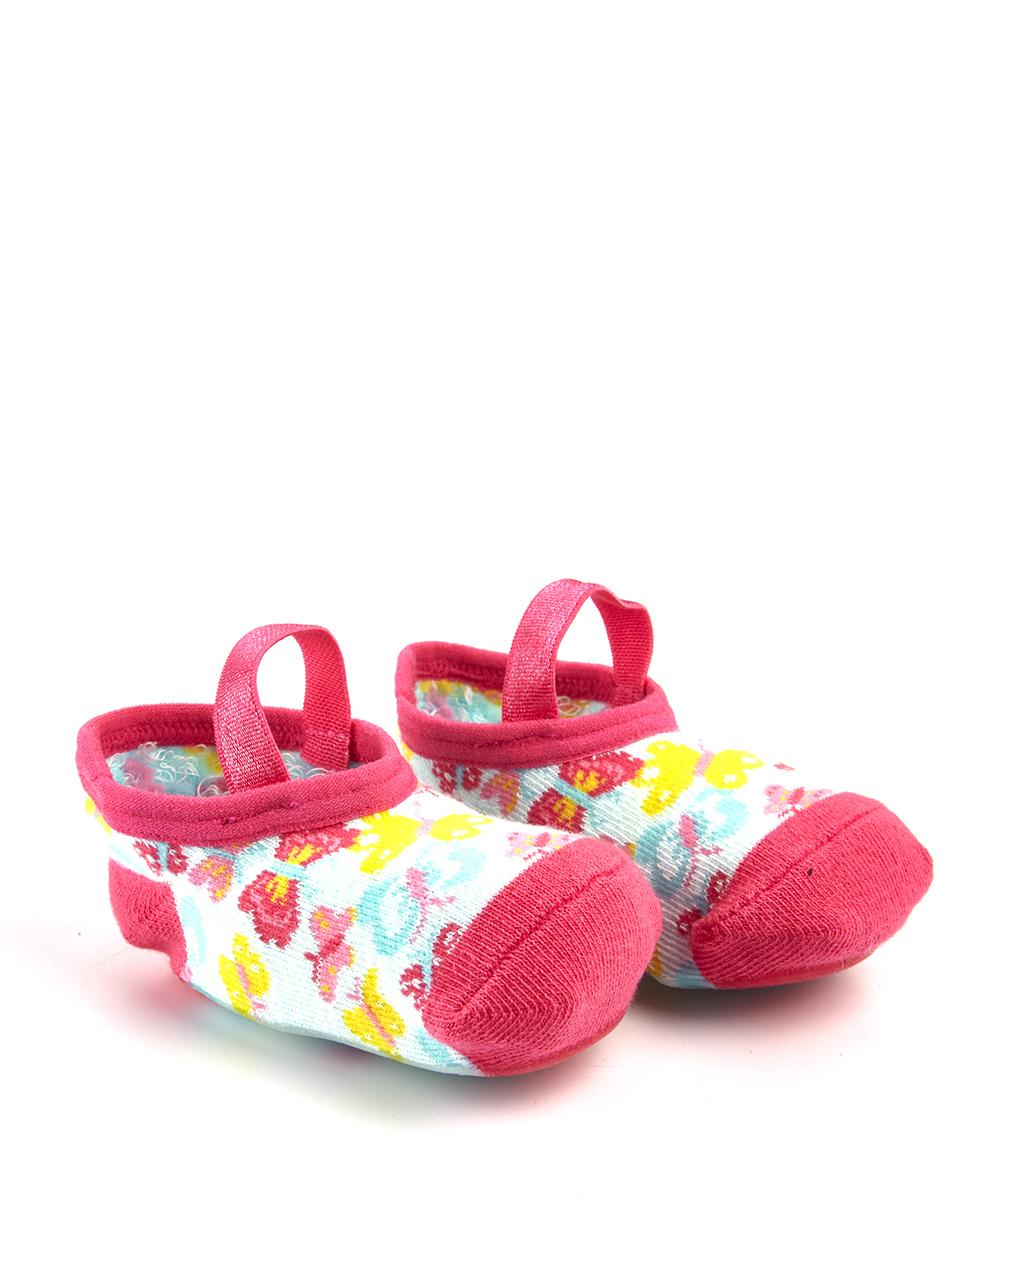 Κάλτσες Αντιολισθητικές Μπαλαρίνες για Κορίτσι